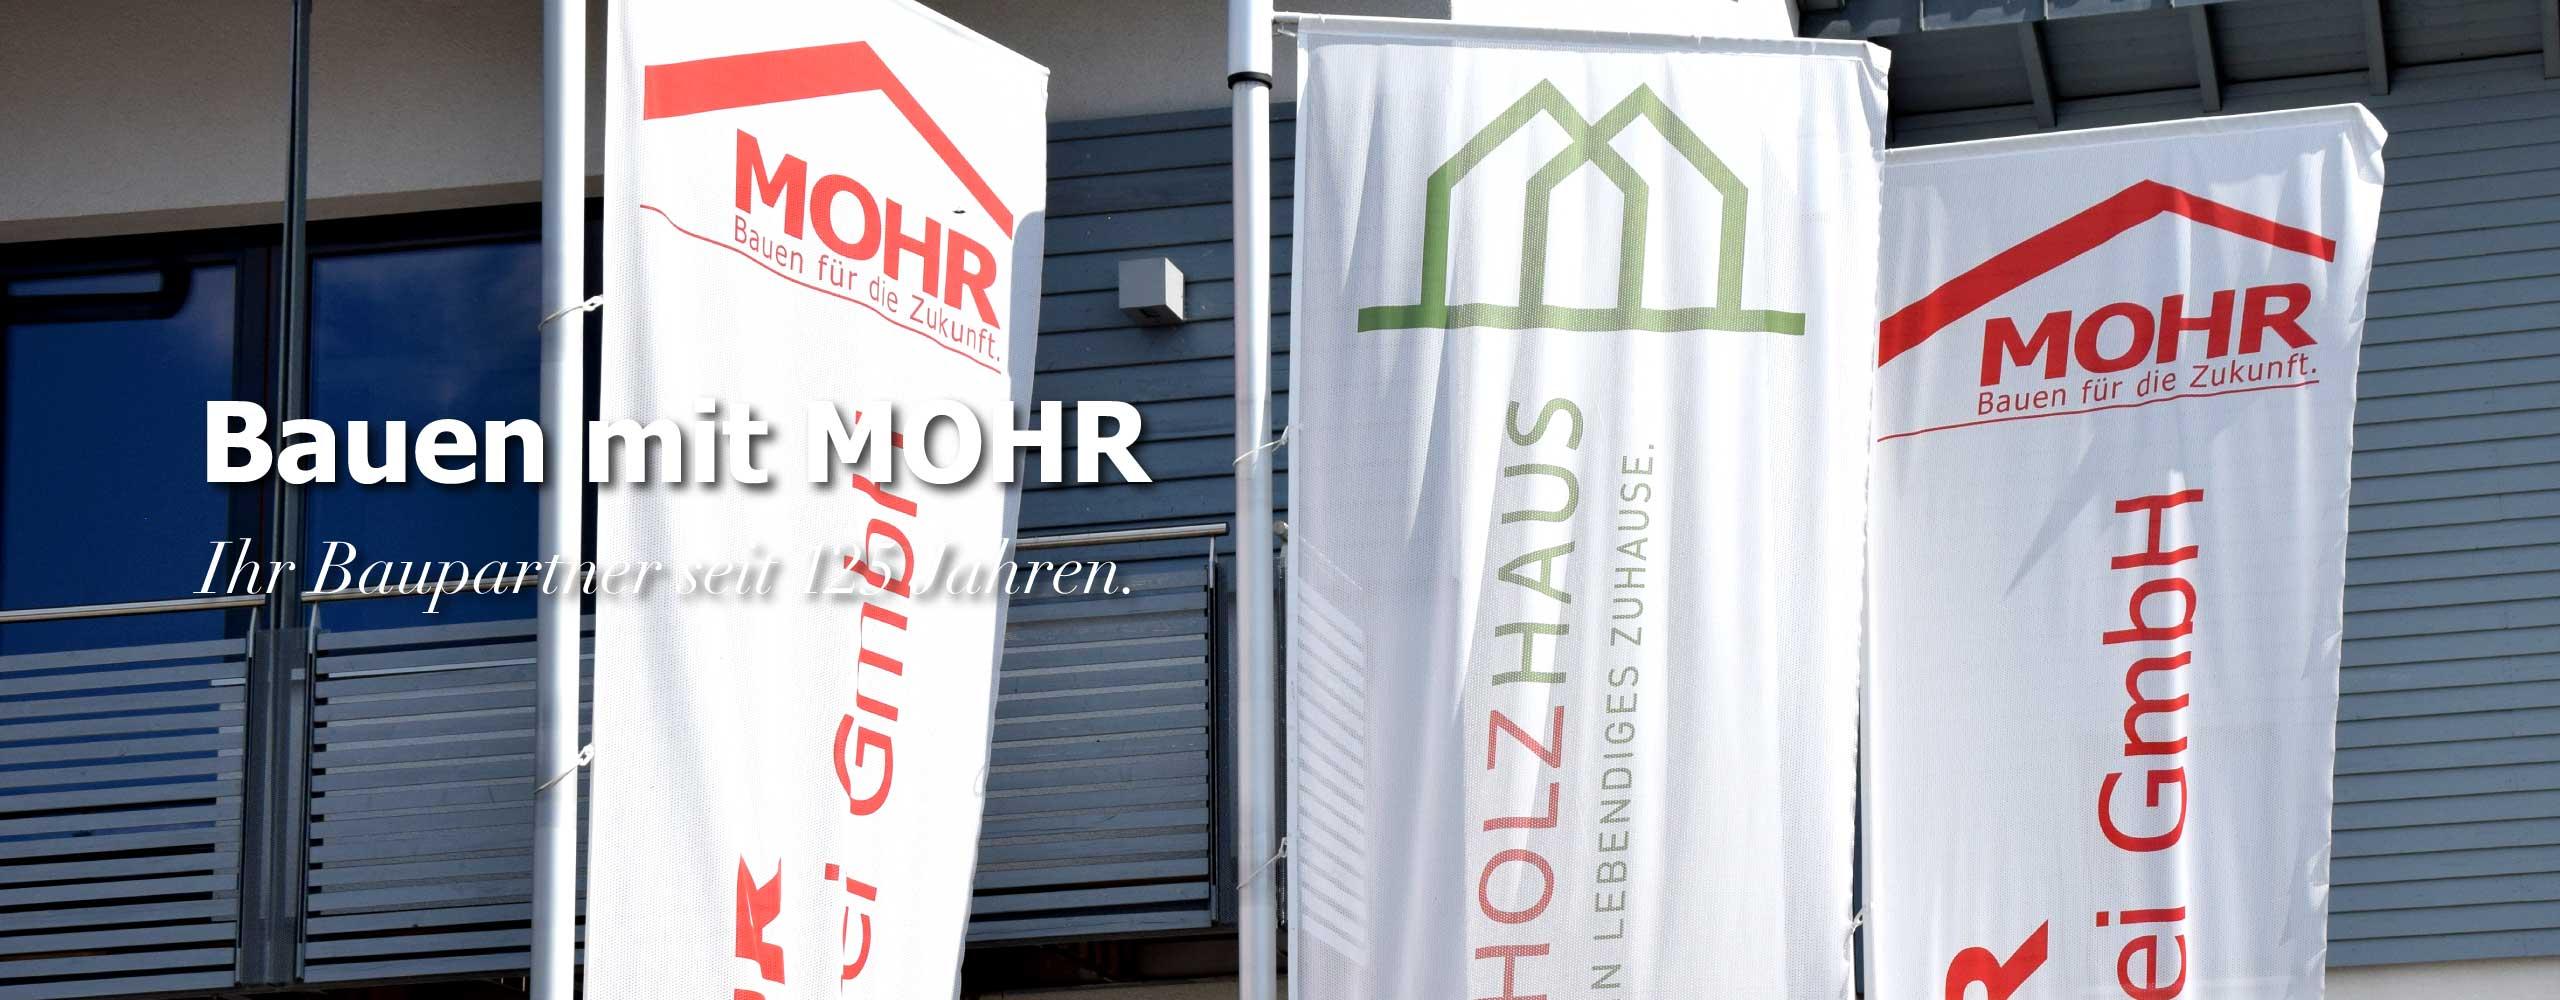 Bauen mit Mohr Neubau Anbau Aufstockung Hausbau mit Zimmerei Mohr Leutershausen